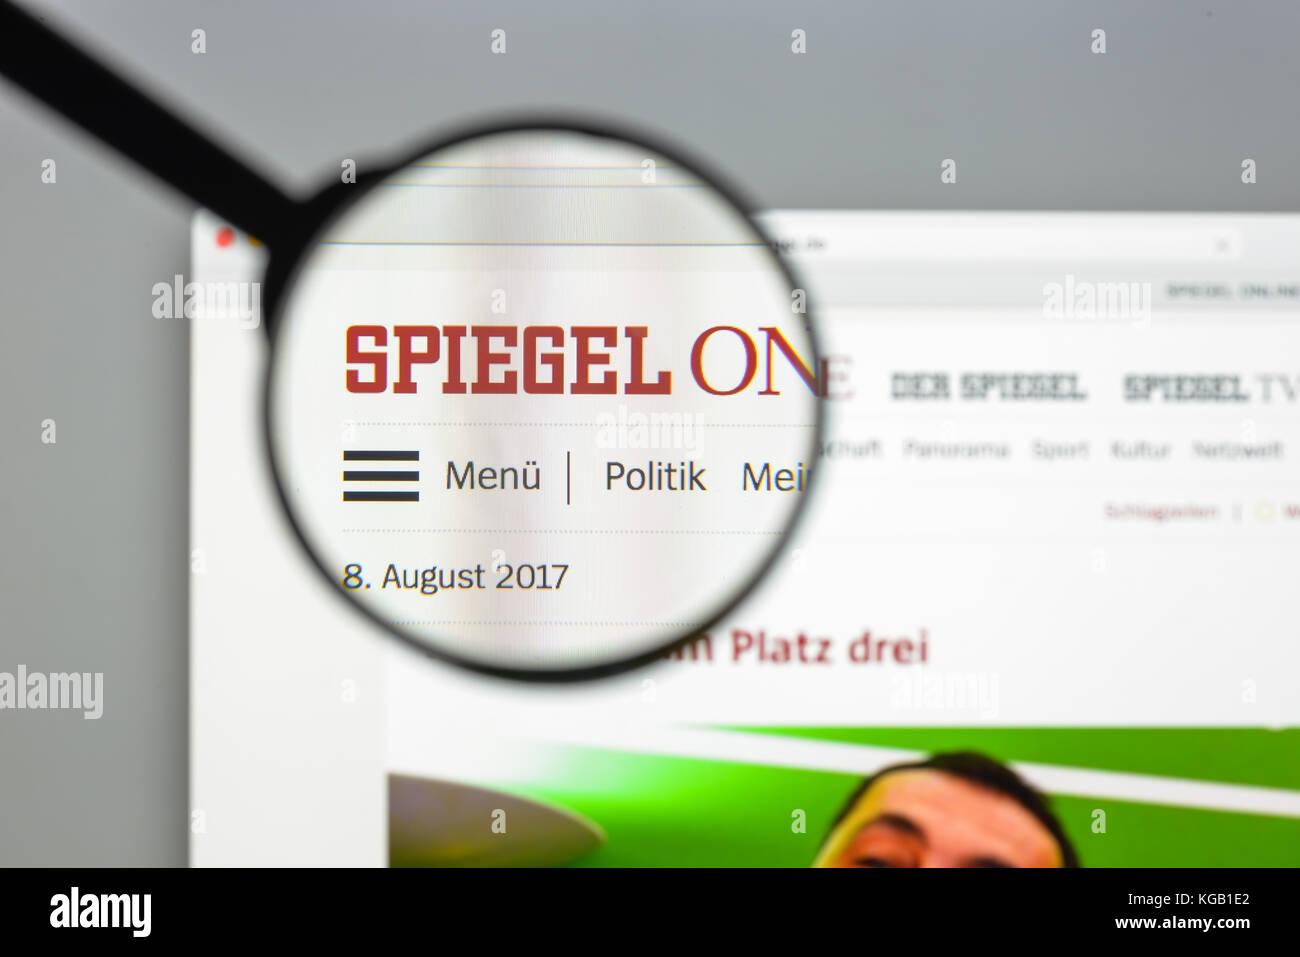 Spiegel online stock photos spiegel online stock images for Spiegel homepage